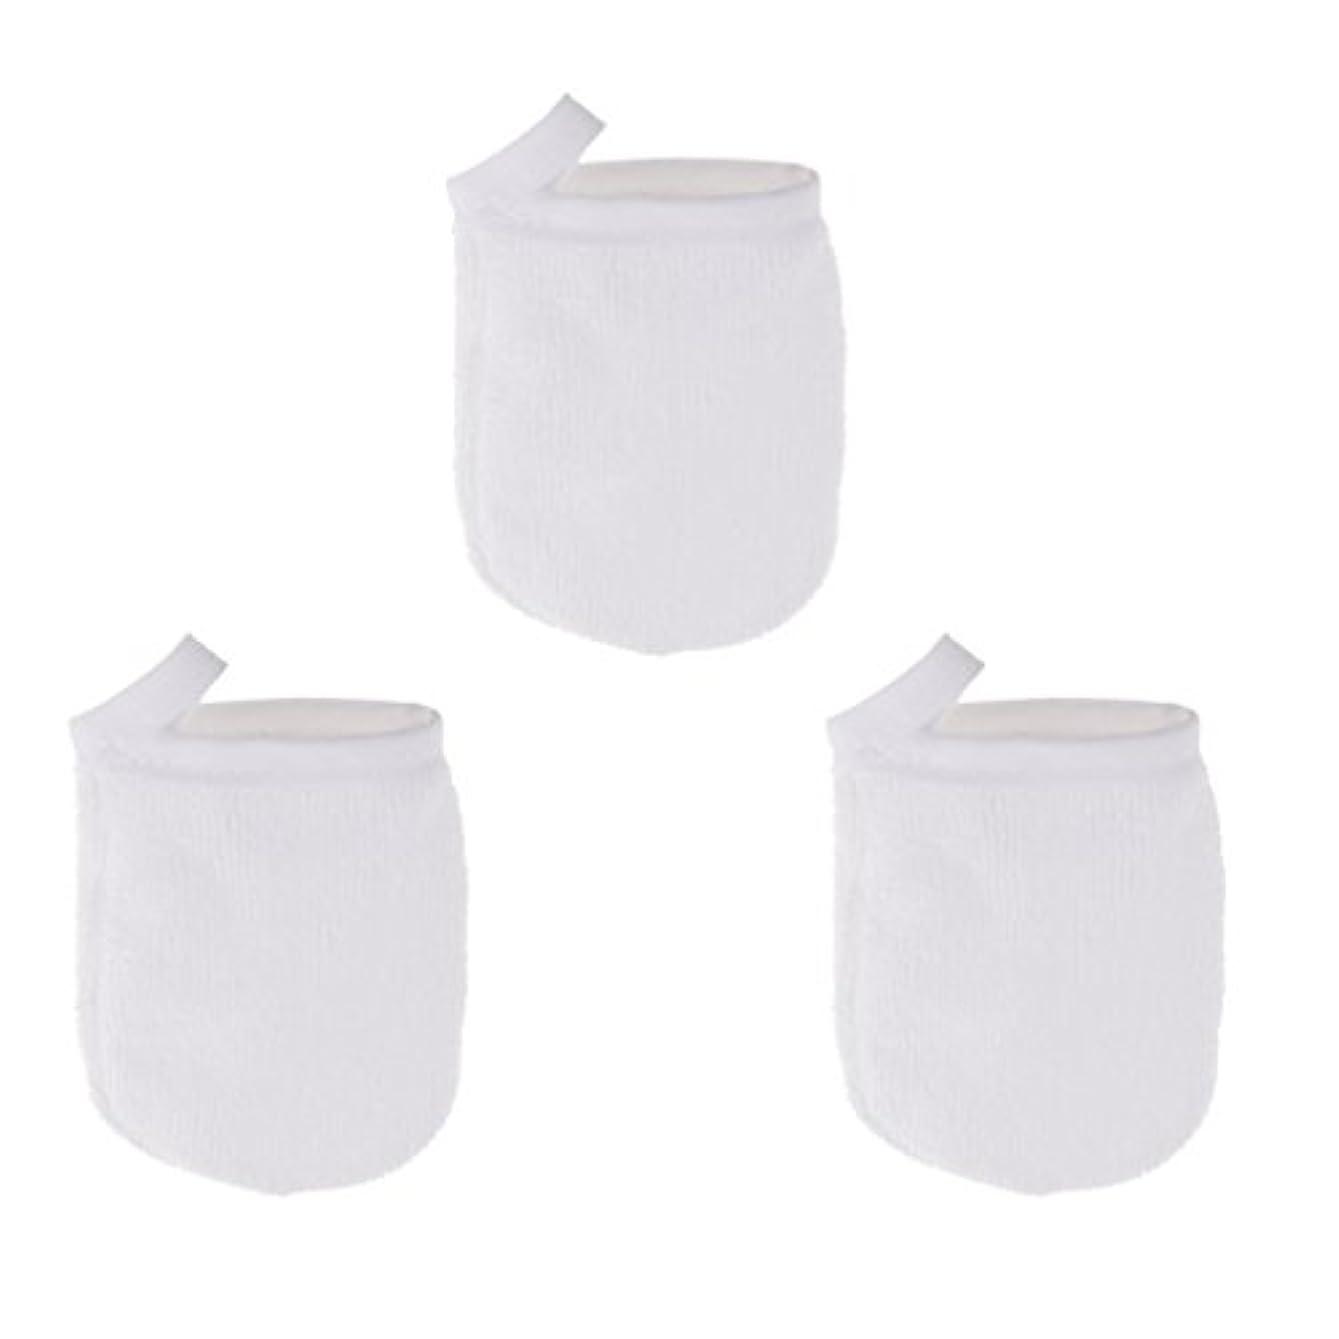 耐えられる染色命題CUTICATE ソフト フェイスクレンジンググローブ メイクリムーバー クロスパッド 3個 洗顔グローブ 手袋